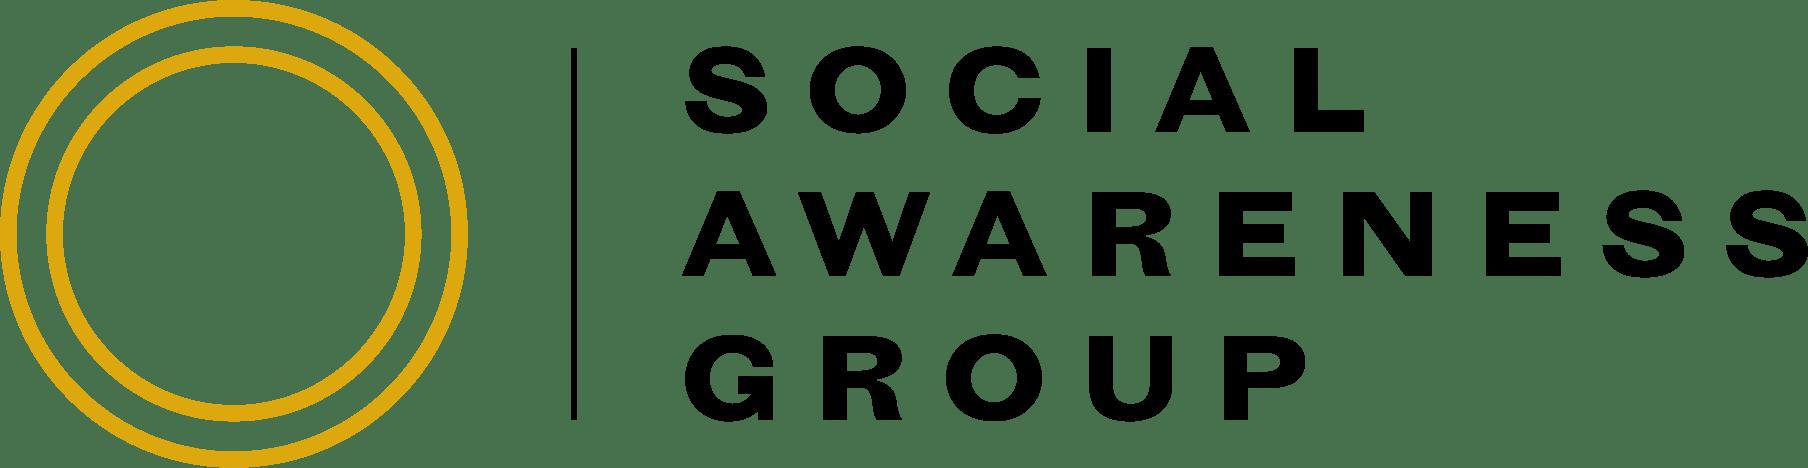 Social Awareness Group